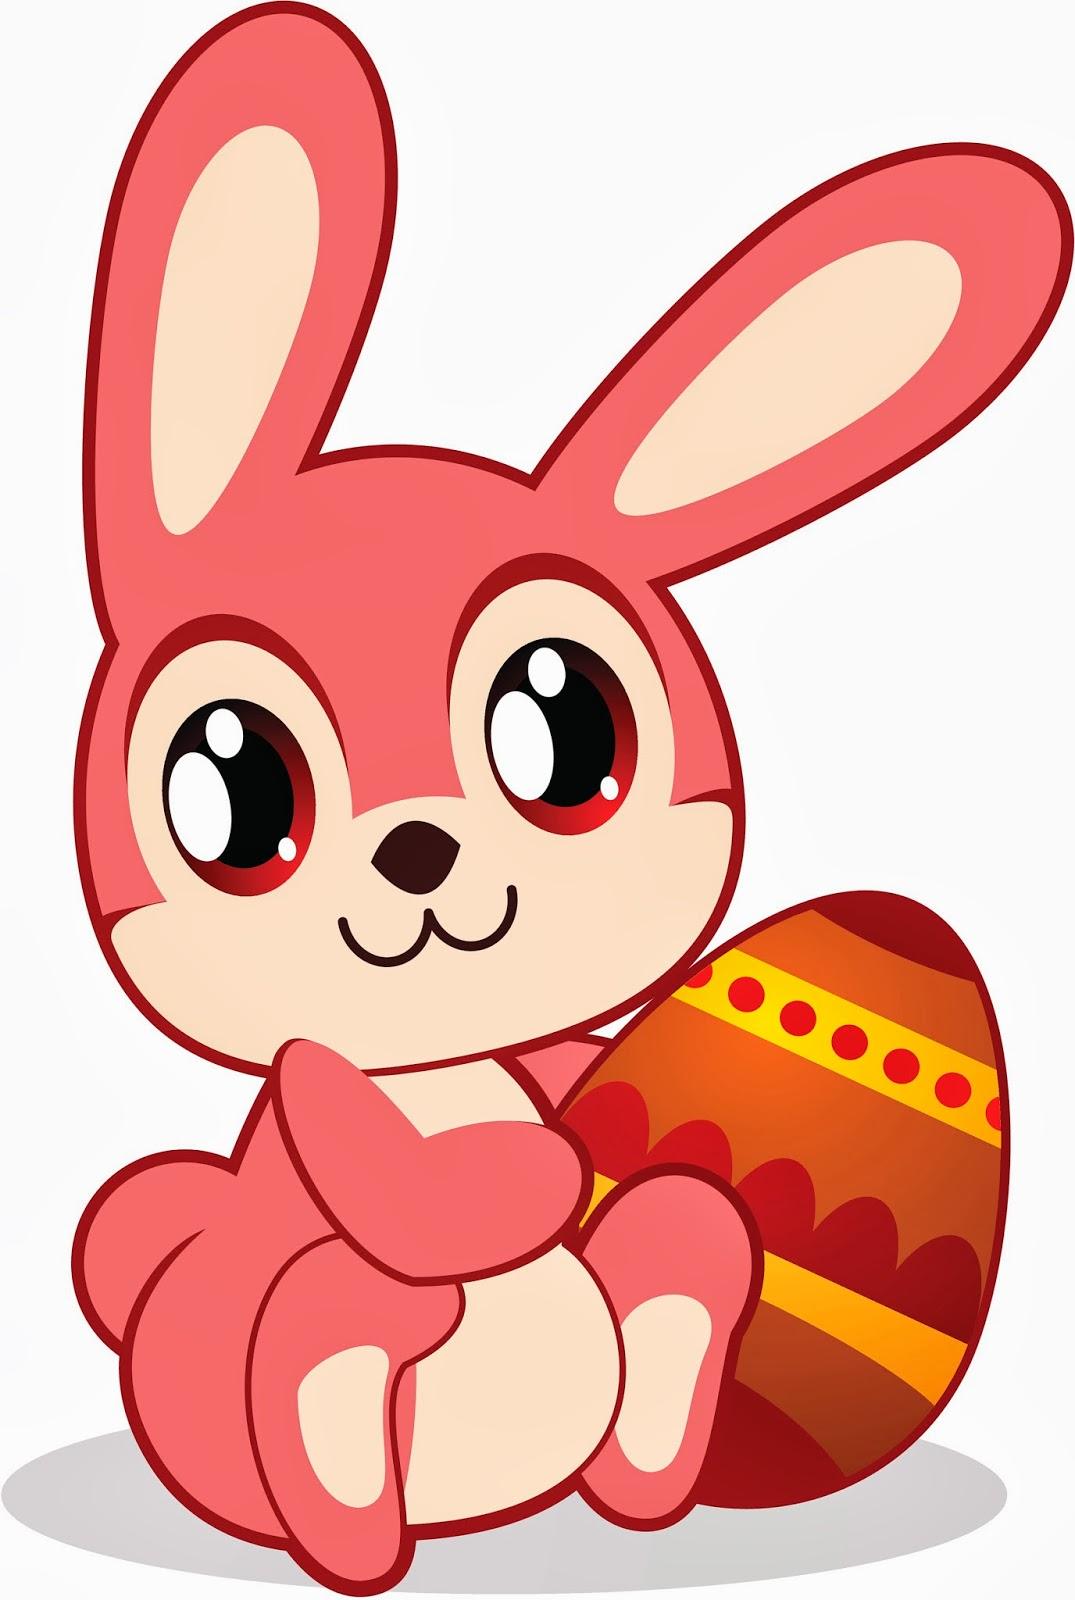 Imagenes Tiernas de Amor: Dibujos de conejos de Pascua para niños